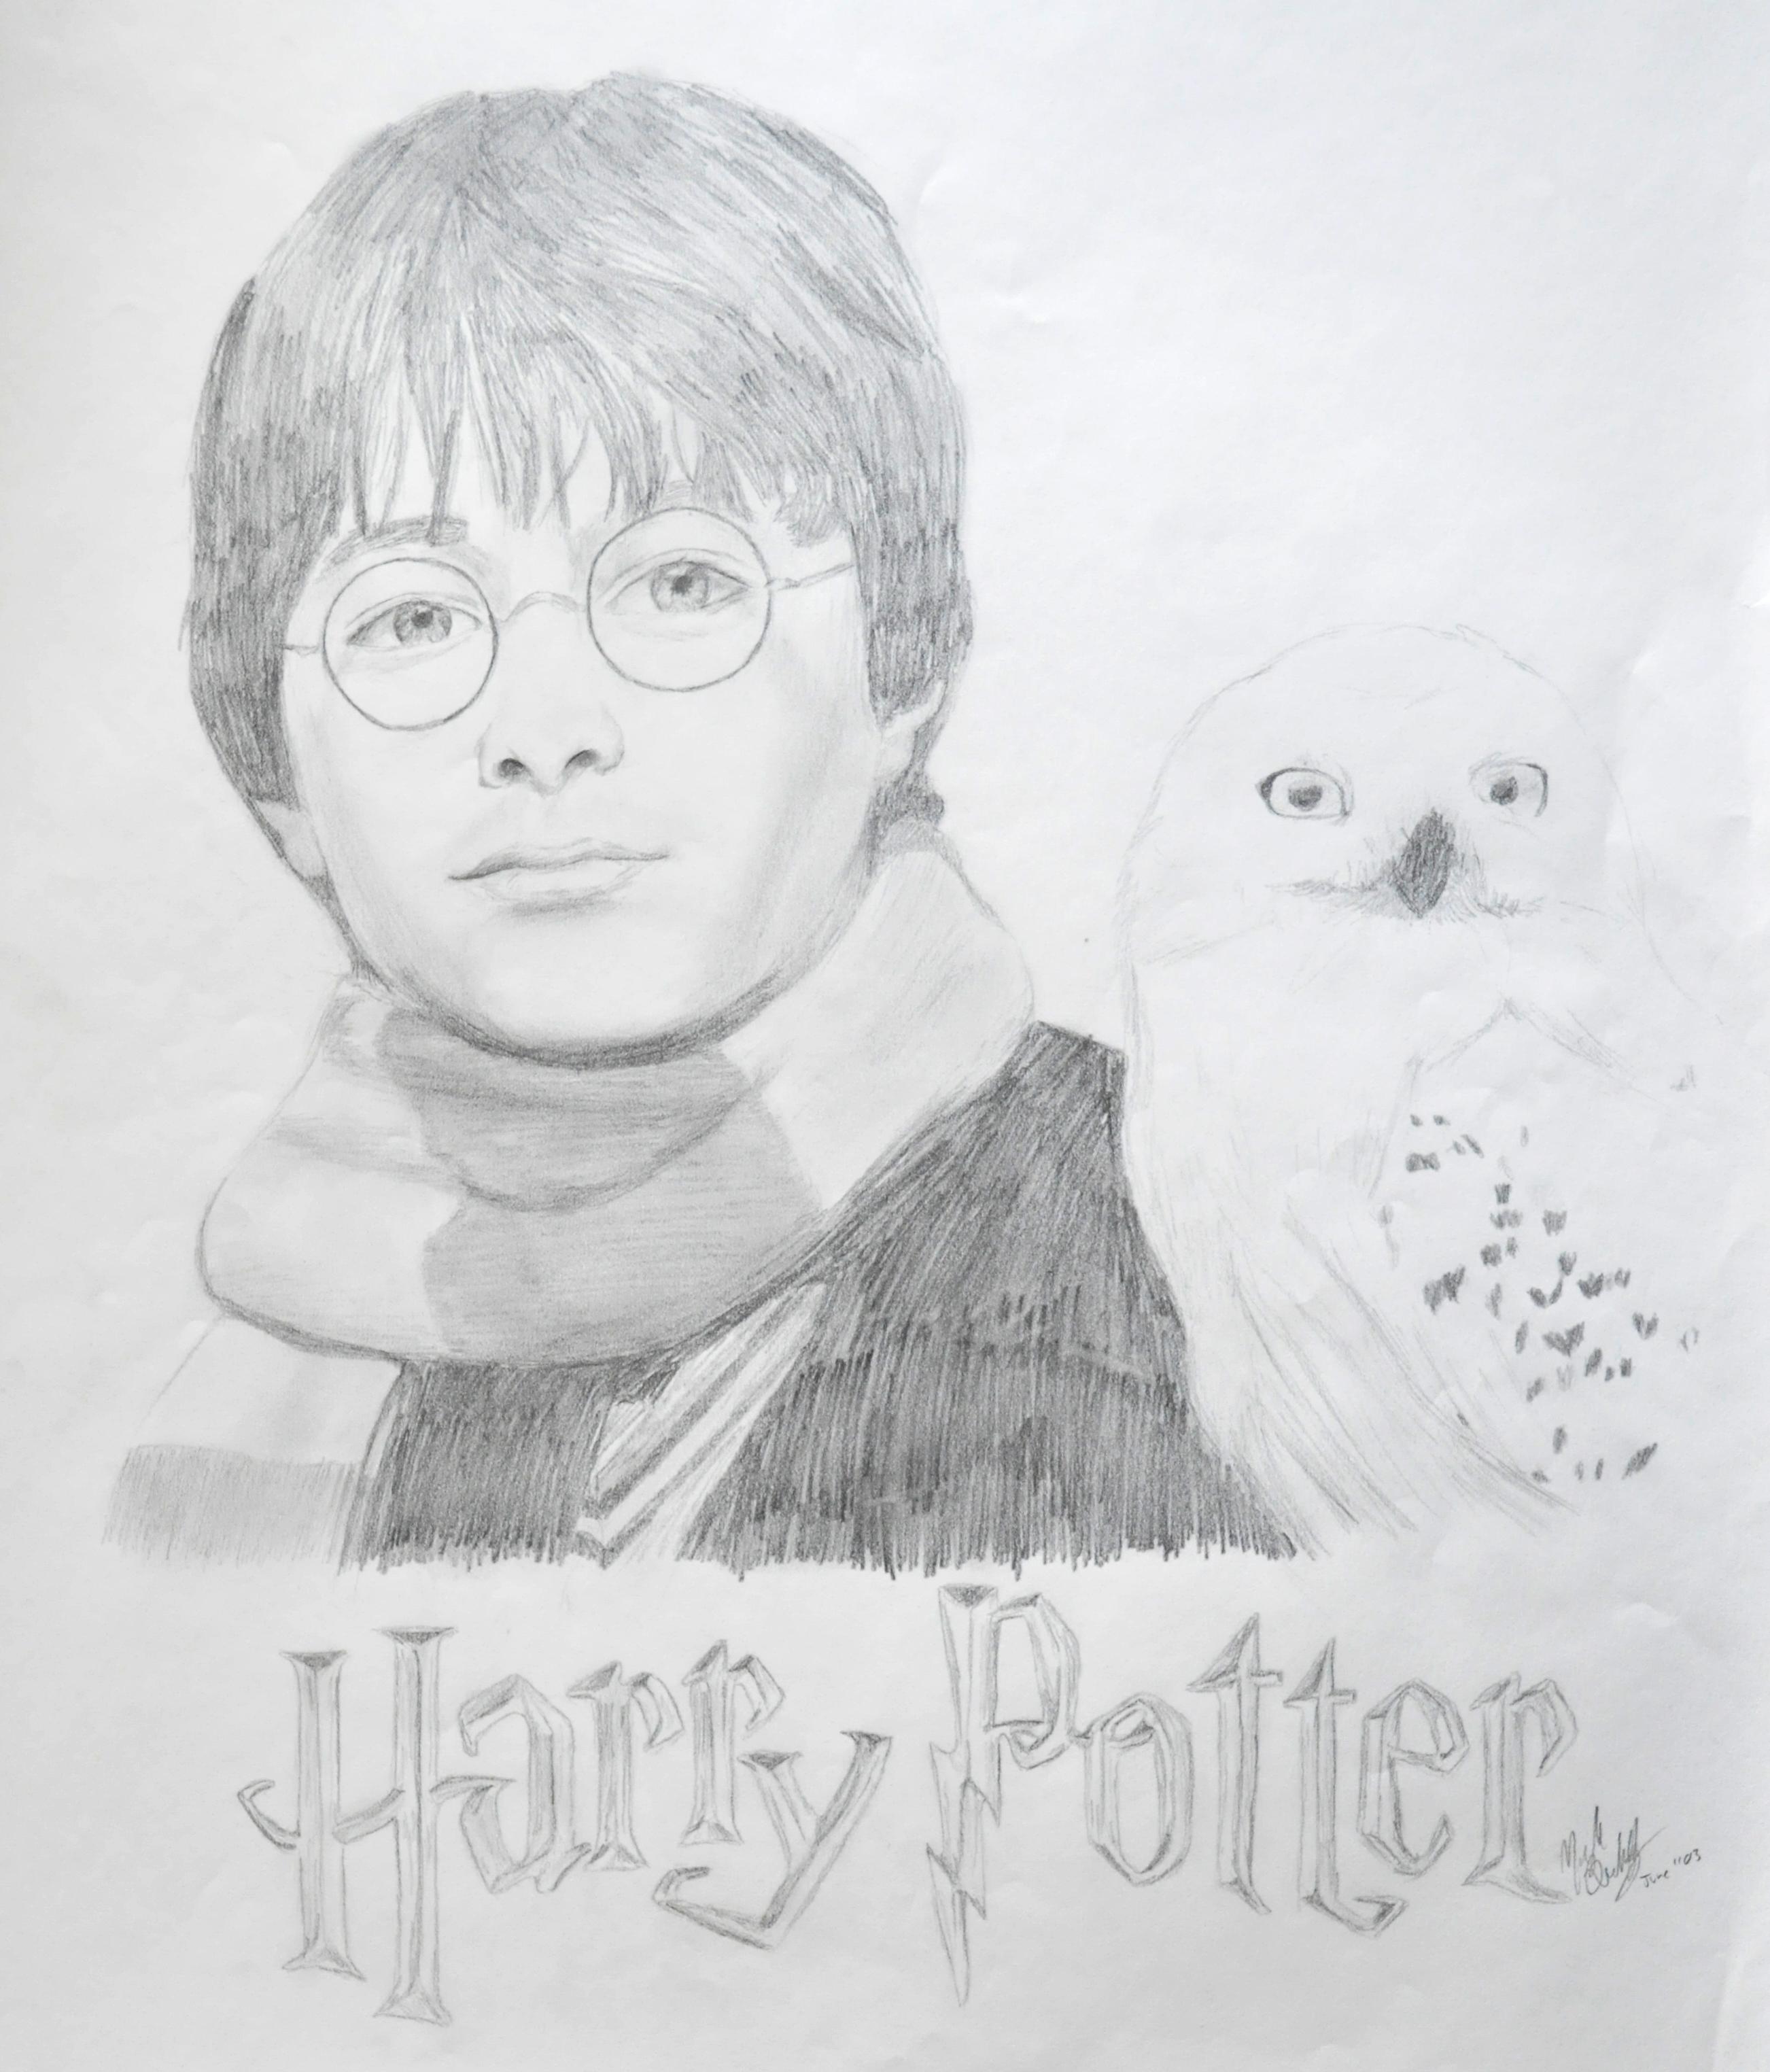 Harry potter evolution